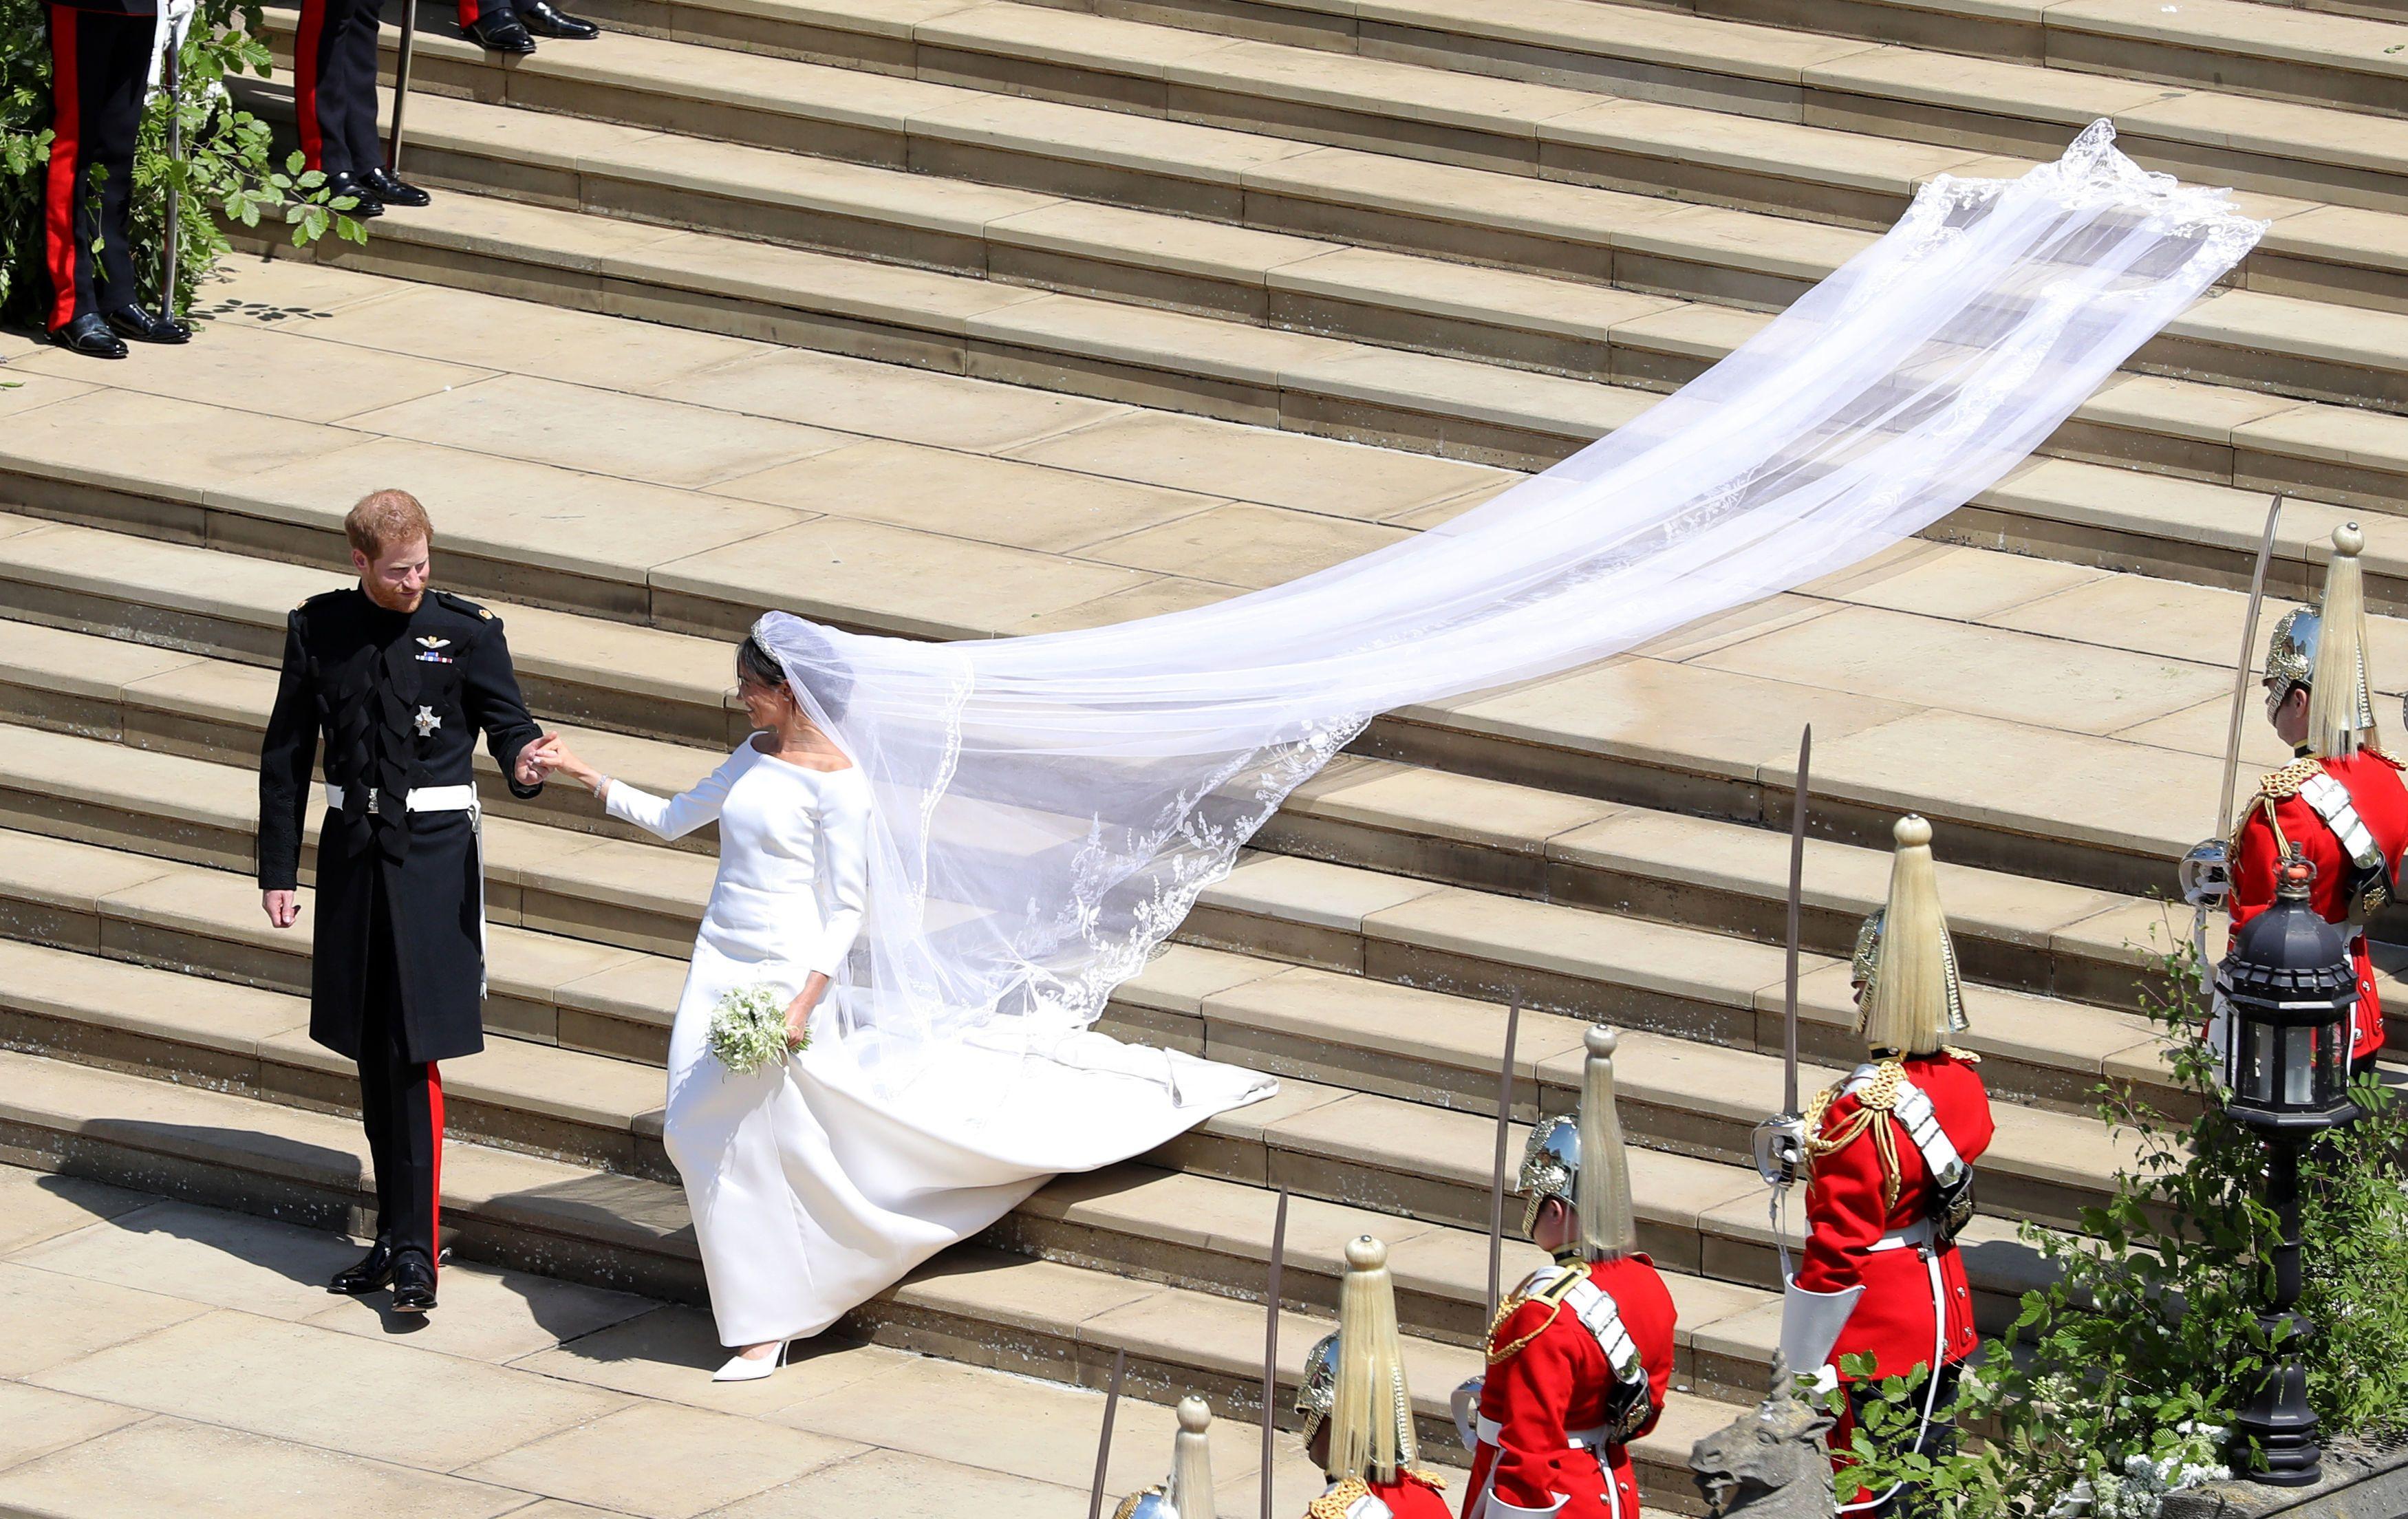 And it was hidden in her veil!